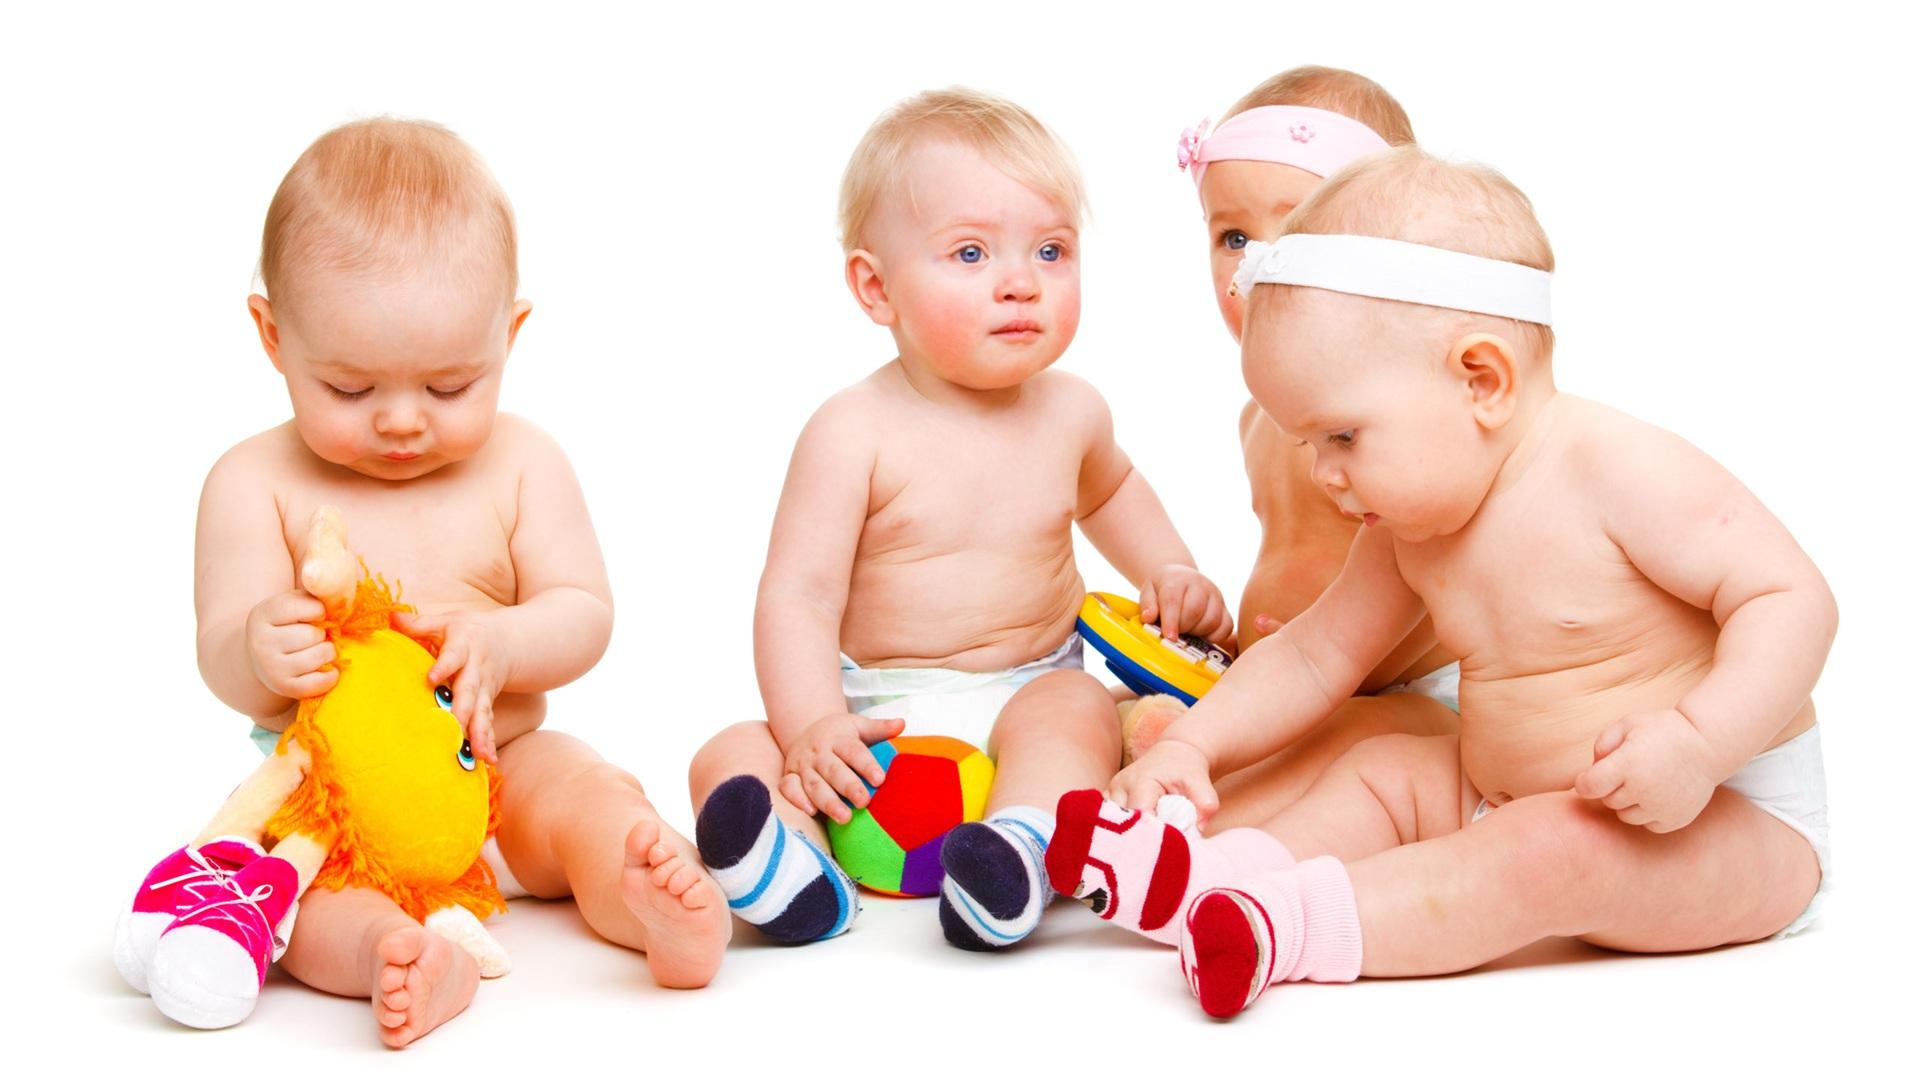 Фото детей от года до 2